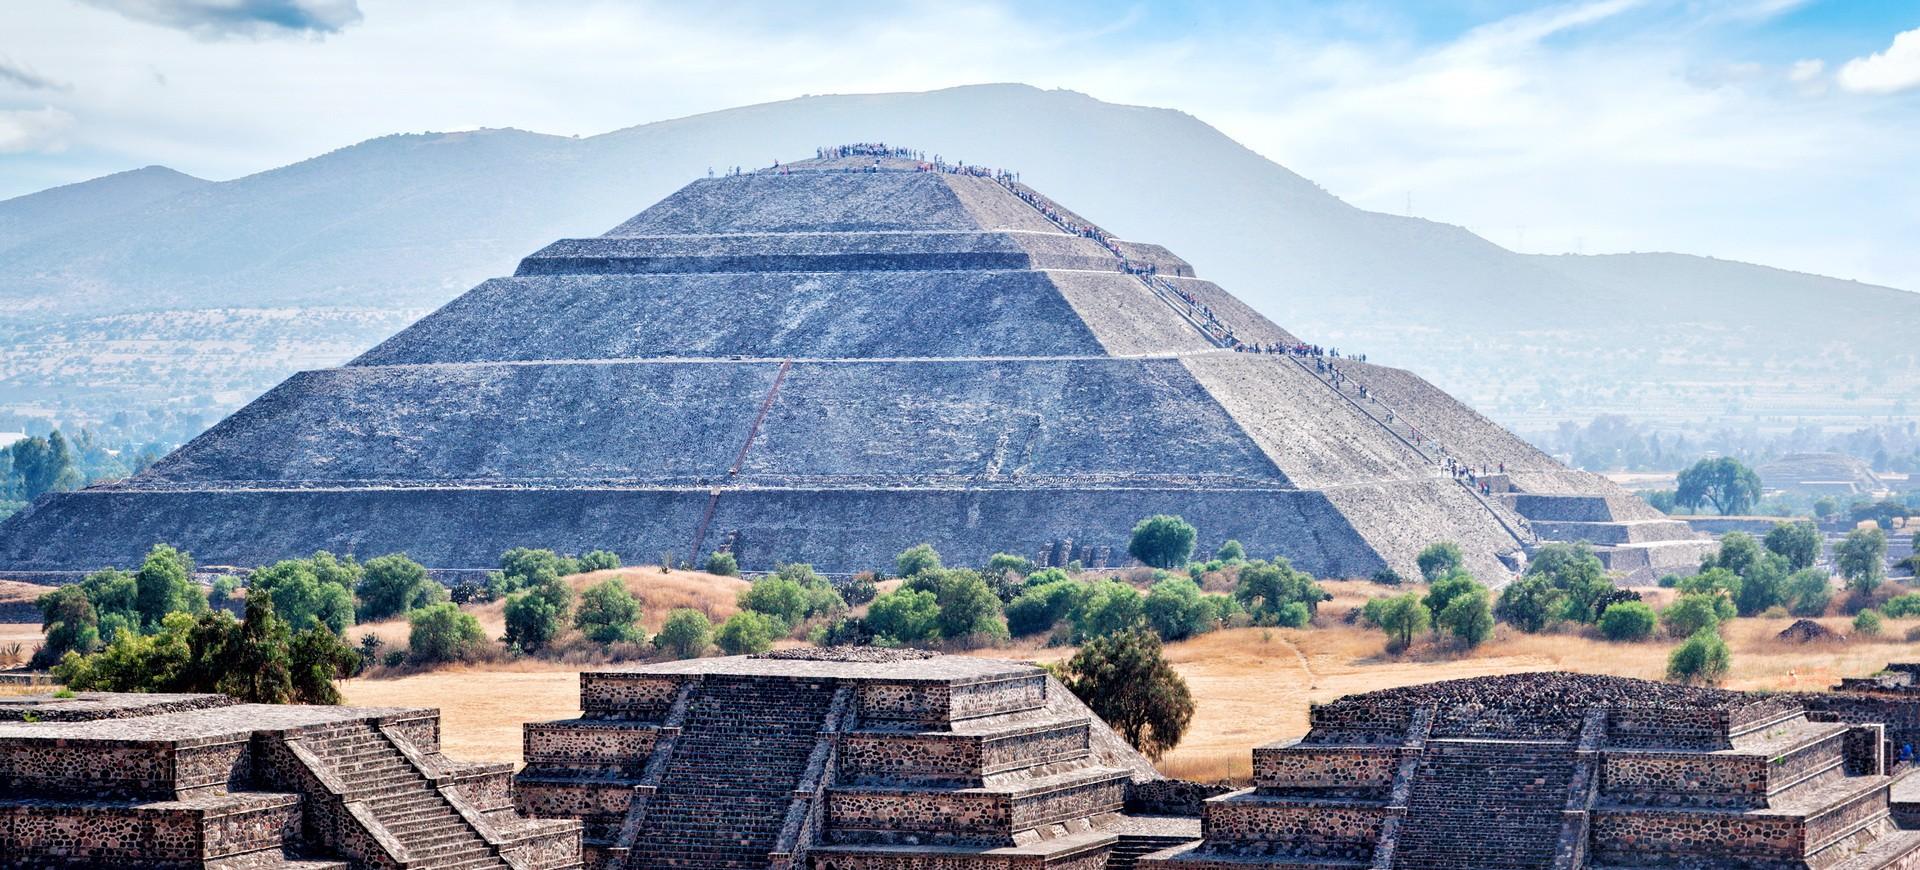 Pyramide Aztèque à Teotihuacan au Mexique